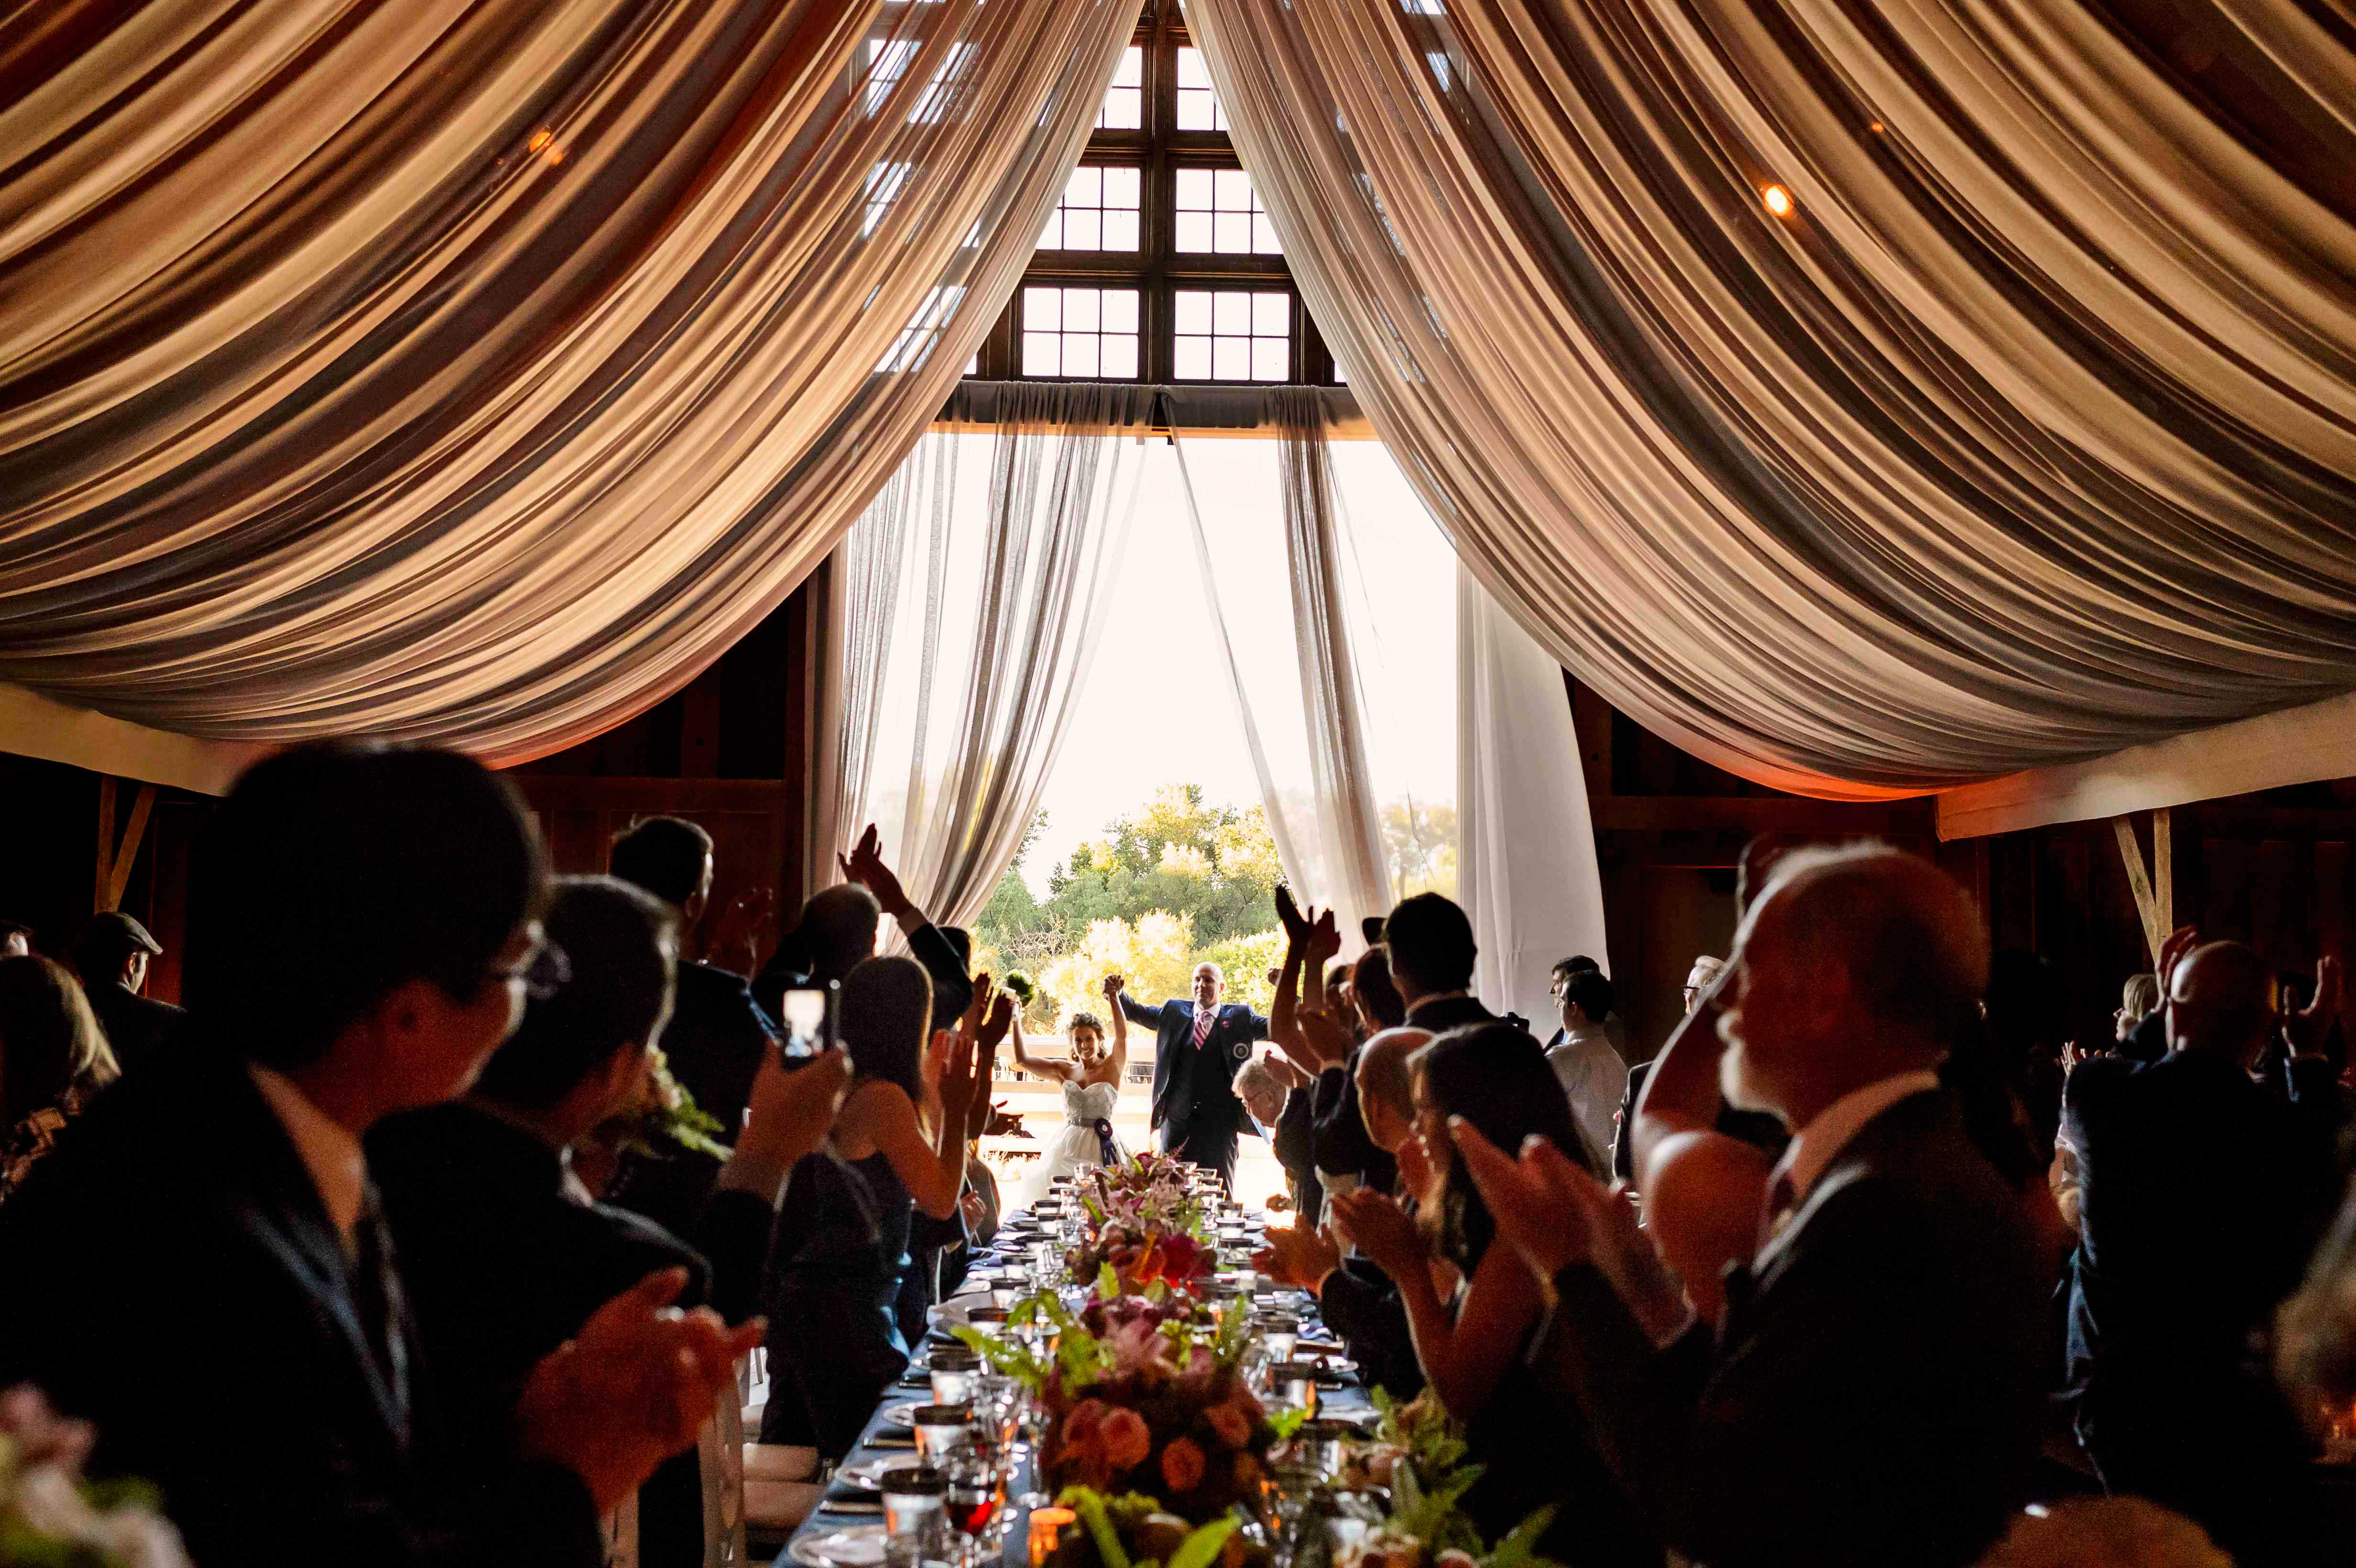 Barn wedding reception bride and groom entrance